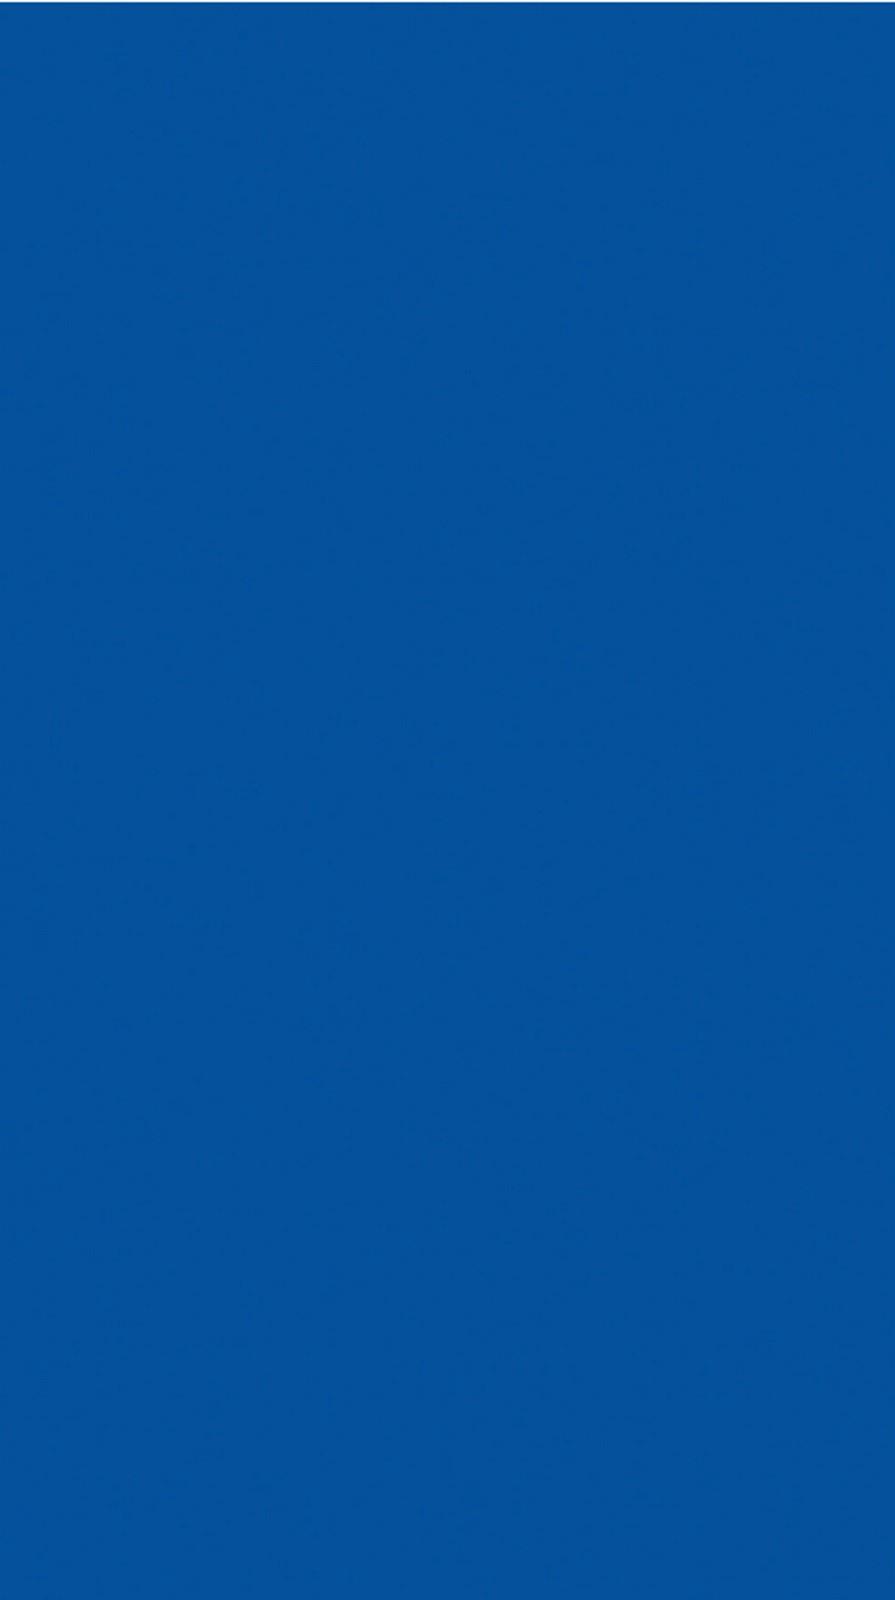 Klebefolie 45 cm x 200 cm Dekorfolie Möbelfolie Wolkenhimmel Wolken blau